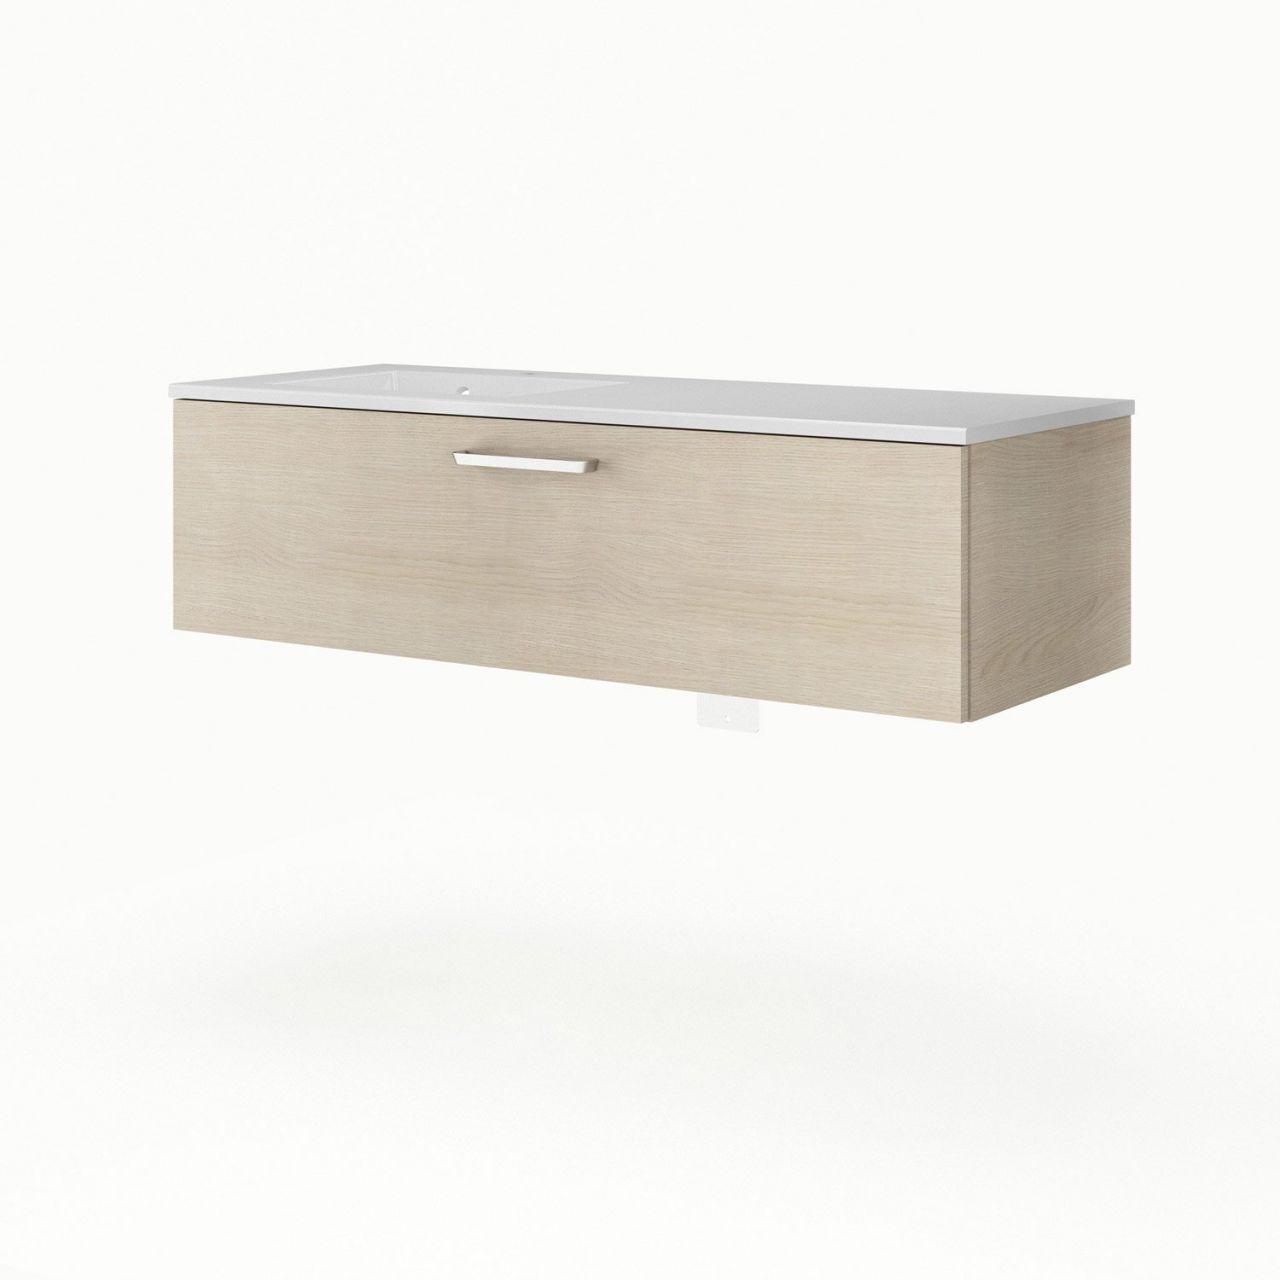 menuiserie goutti res et descente de goutti re pos es choix des meubles de salle de bain. Black Bedroom Furniture Sets. Home Design Ideas